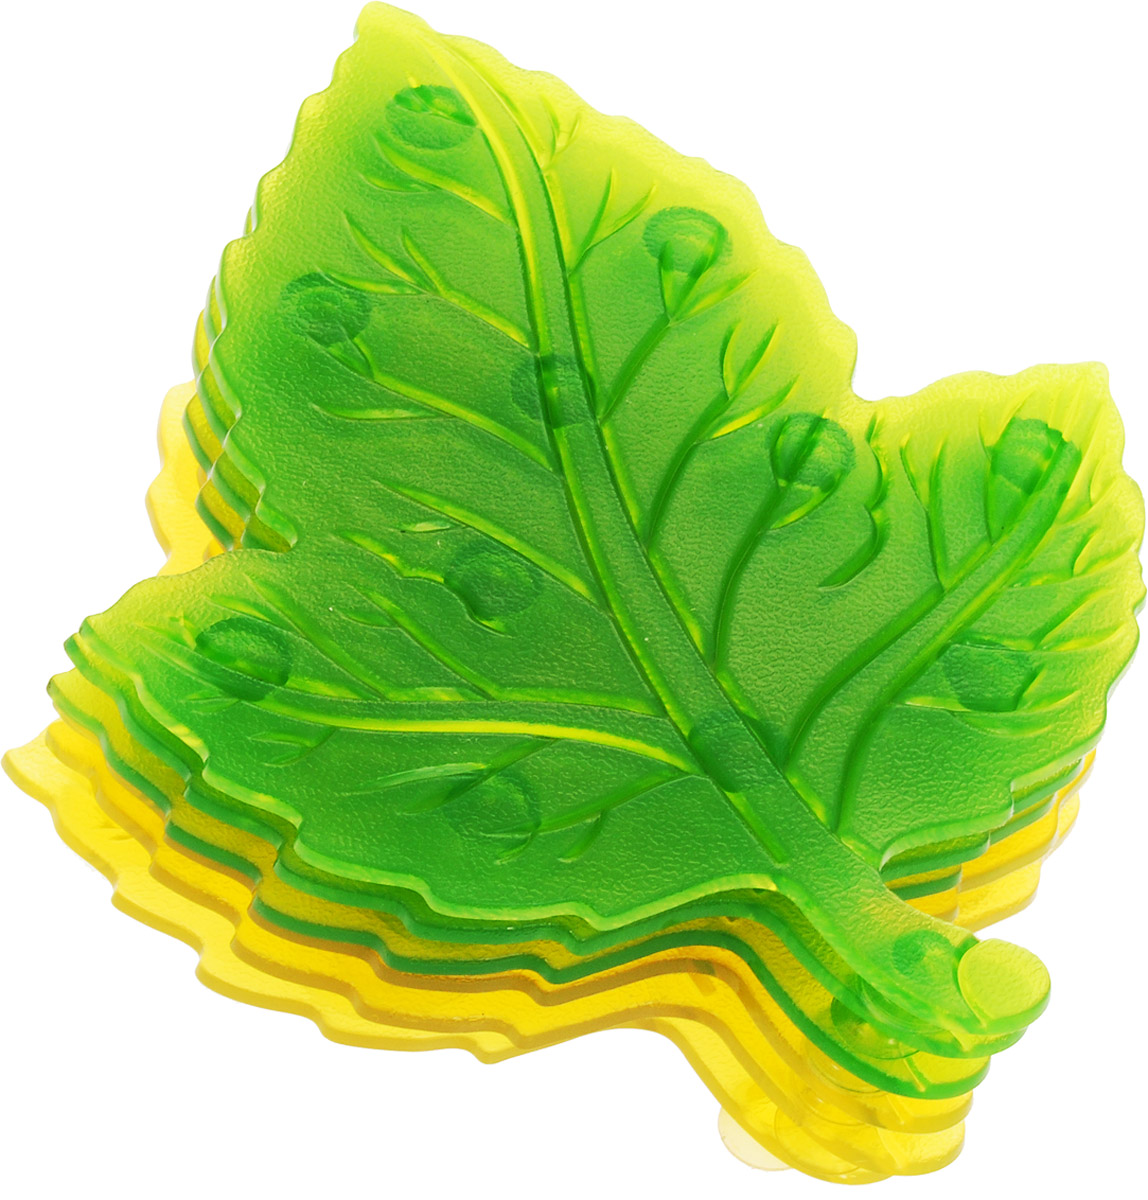 Valiant Мини-коврик для ванной комнаты Листик на присосках цвет зеленый желтый 6 шт8824G_зеленый, желтыйМини-коврик для ванной комнаты Valiant Листик - это модный и экономичный способ сделать вашу ванную комнату более уютной, красивой и безопасной.В наборе представлены 6 мини-ковриков в виде листиков двух цветов. Коврики прочно крепятся на любую гладкую поверхность с помощью присосок. Расположите коврик там, где вам необходимо яркое цветовое пятно и надежная противоскользящая опора - на поверхности ванной, на кафельной стене или стенке душевой кабины, на полу - как дополнение вашего коврика стандартного размера.Мини-коврики Valiant незаменимы при купании маленького ребенка: он не поскользнется и не упадет, держась за мягкую и приятную на ощупь рифленую поверхность коврика.Рекомендации по уходу: после использования тщательно смойте остатки мыла или других косметических средств с коврика.